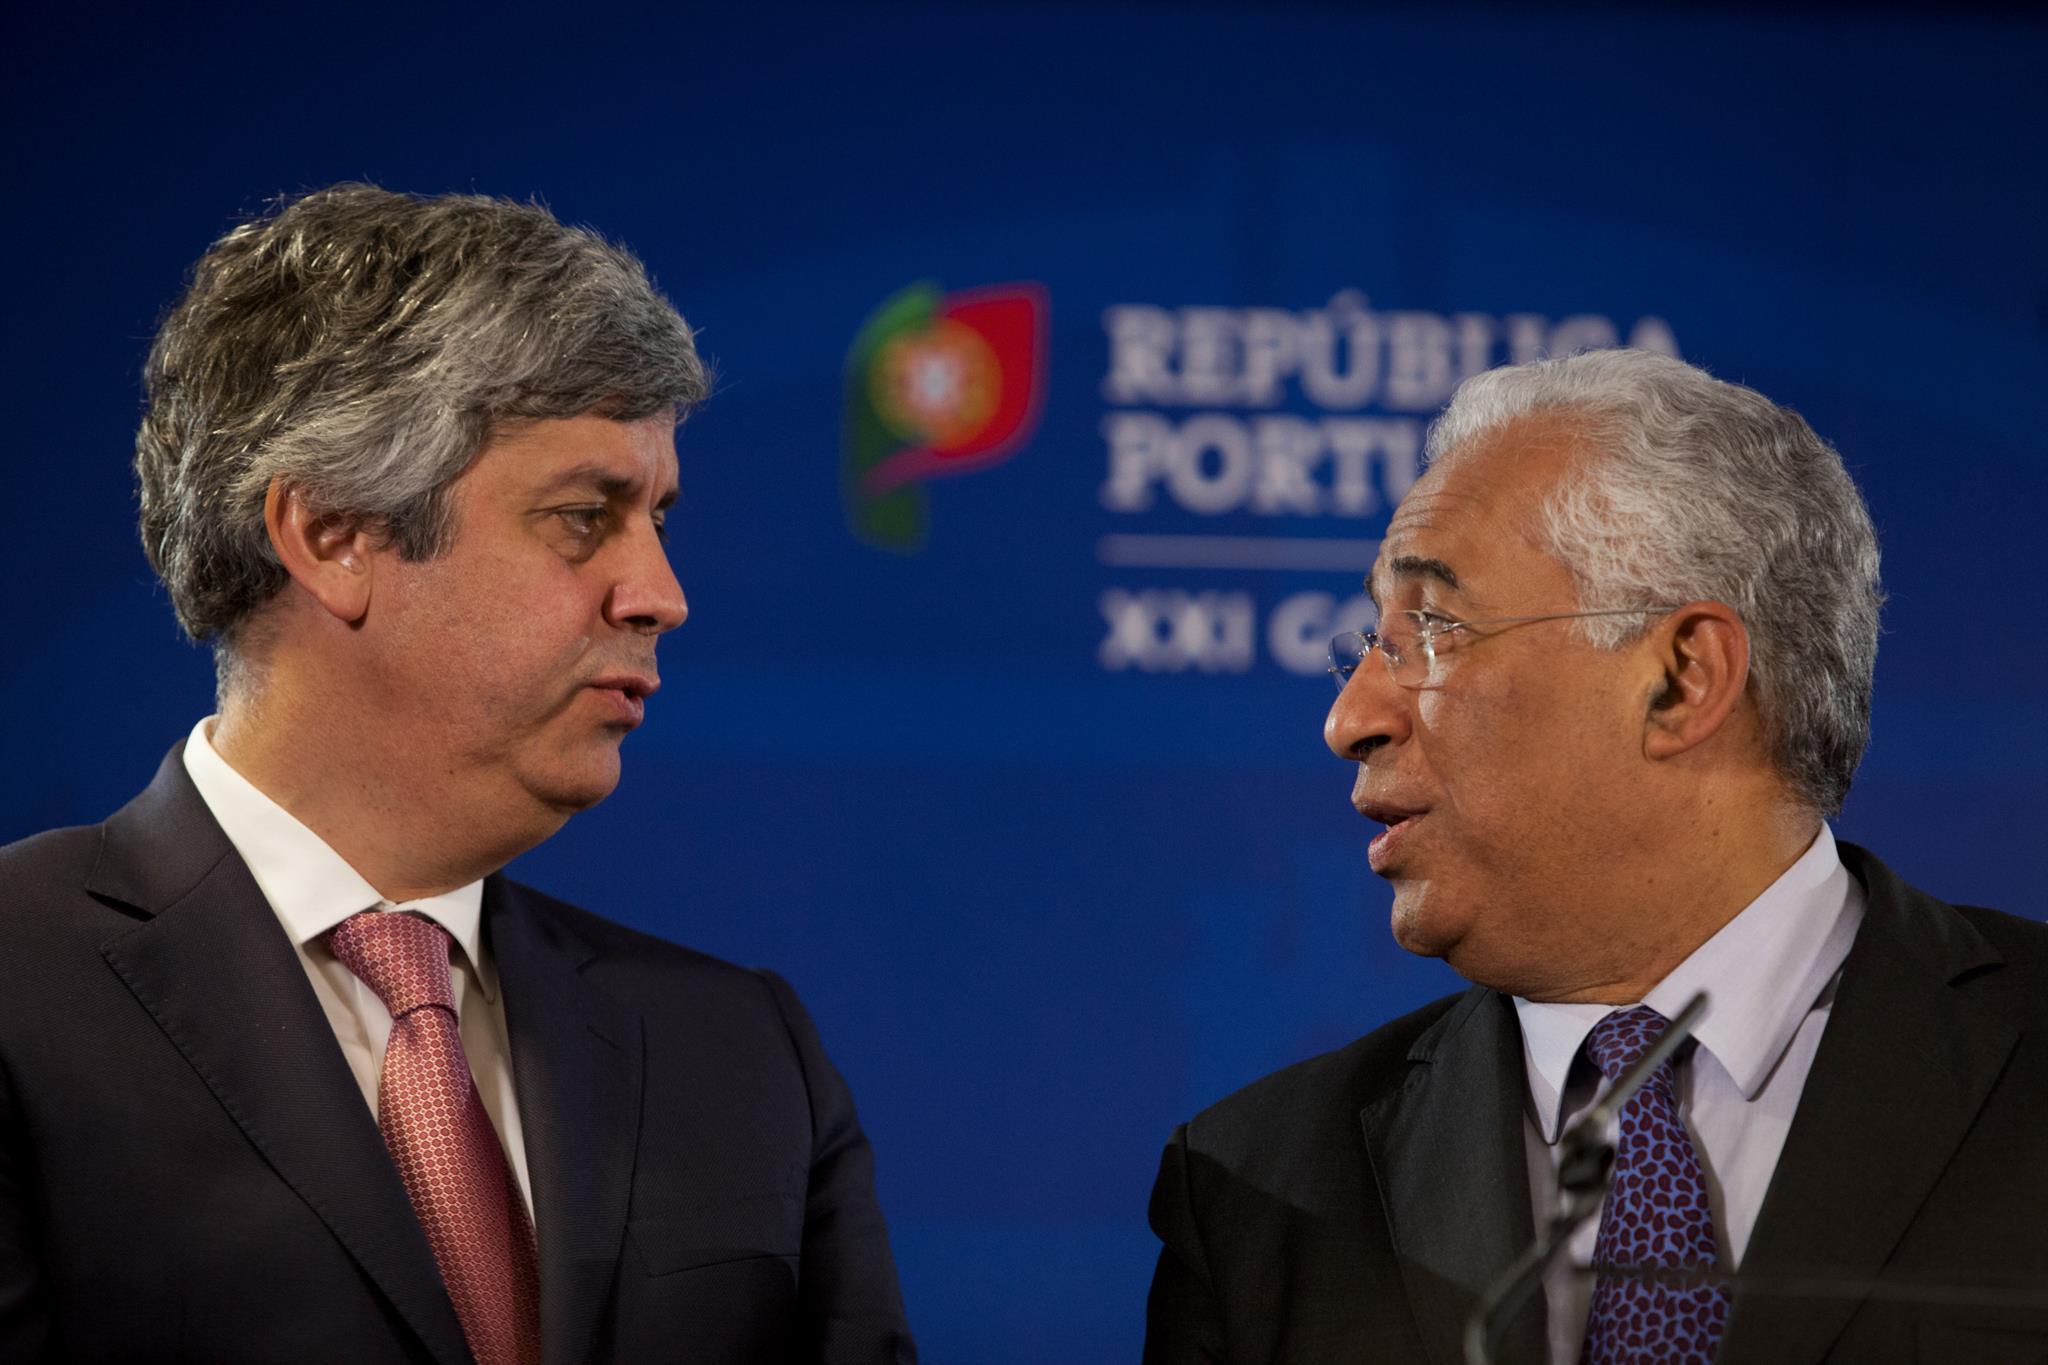 PÚBLICO - João Moreira Rato